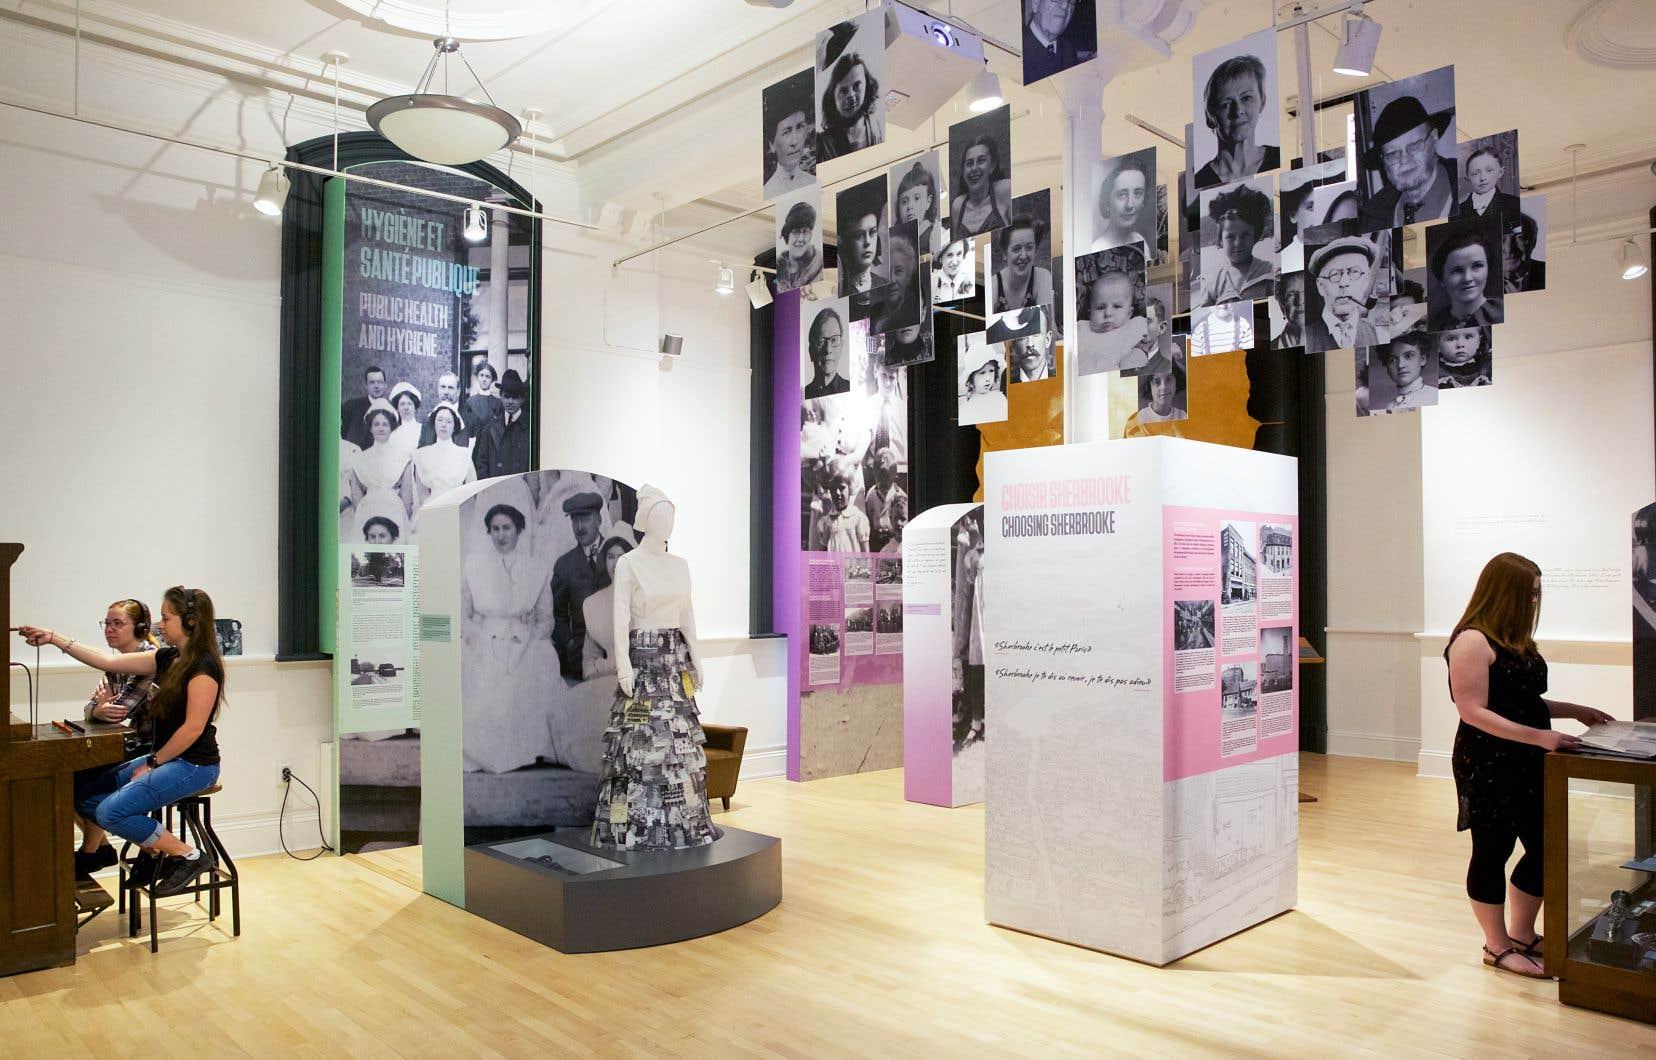 Comme tous les musées du Québec, le Musée d'histoire de Sherbrooke a ajusté sa manière de présenter son contenu pour se conformer aux directives de la Commission des normes, de l'équité, de la santé et de la sécurité du travail.